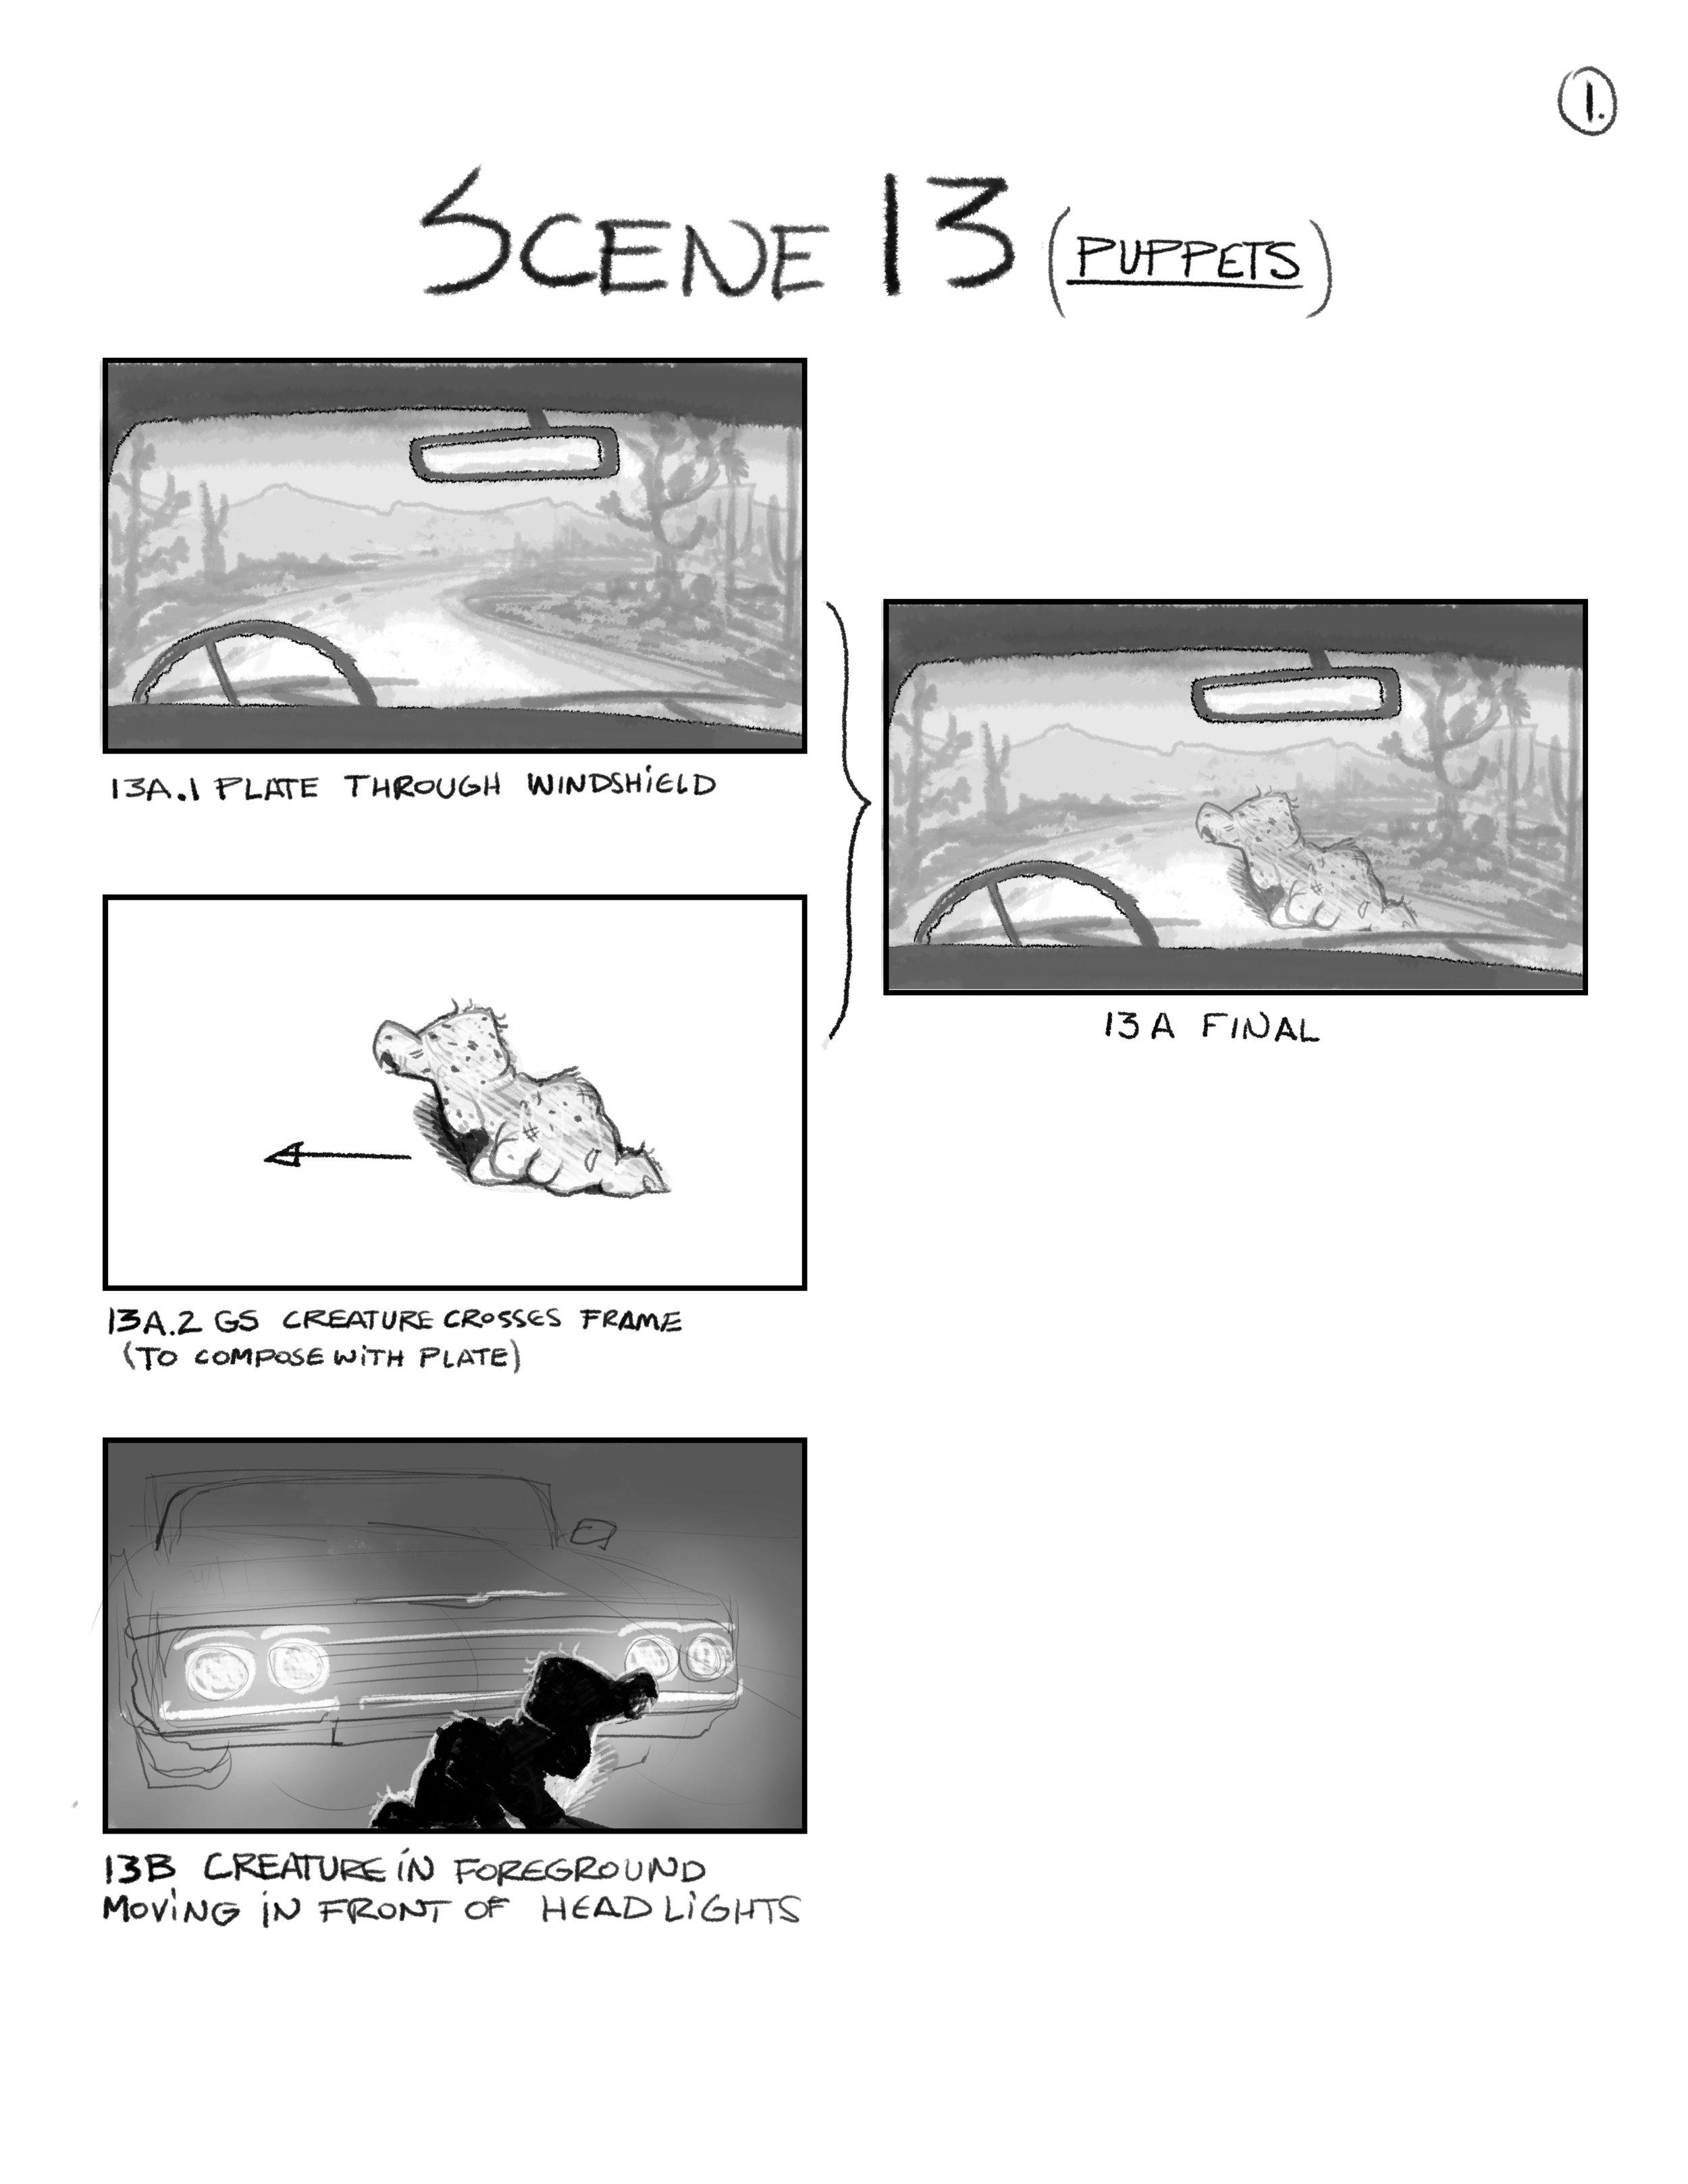 Scene_13.jpg